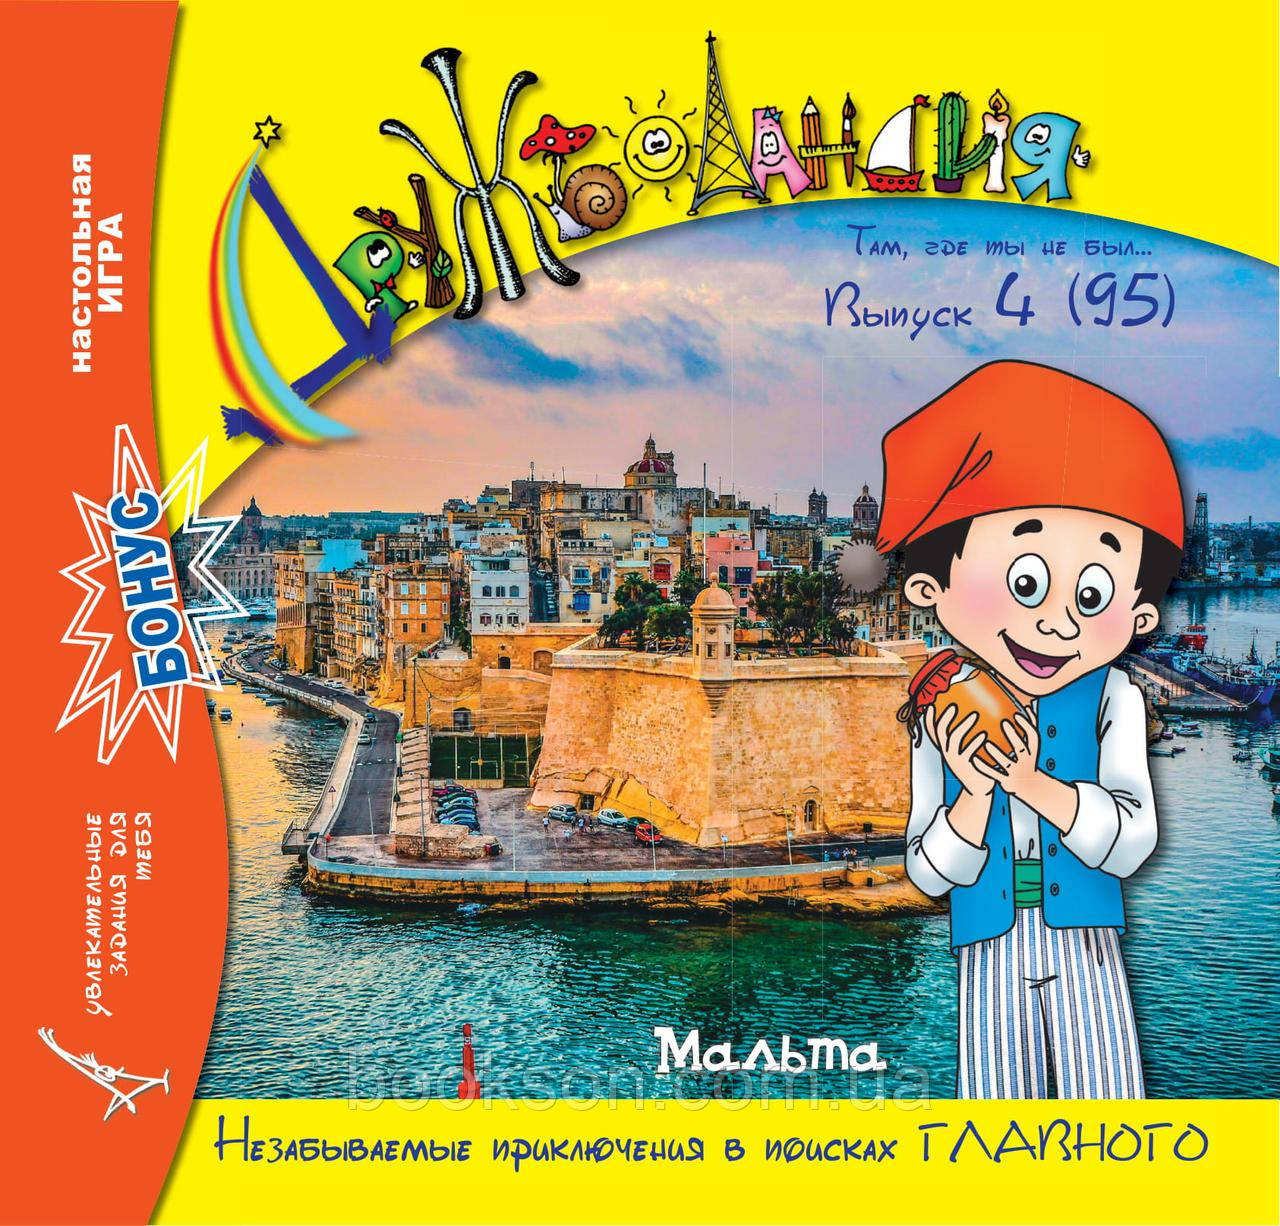 Дружболандия № 04-2020 (рус.) – Мальта